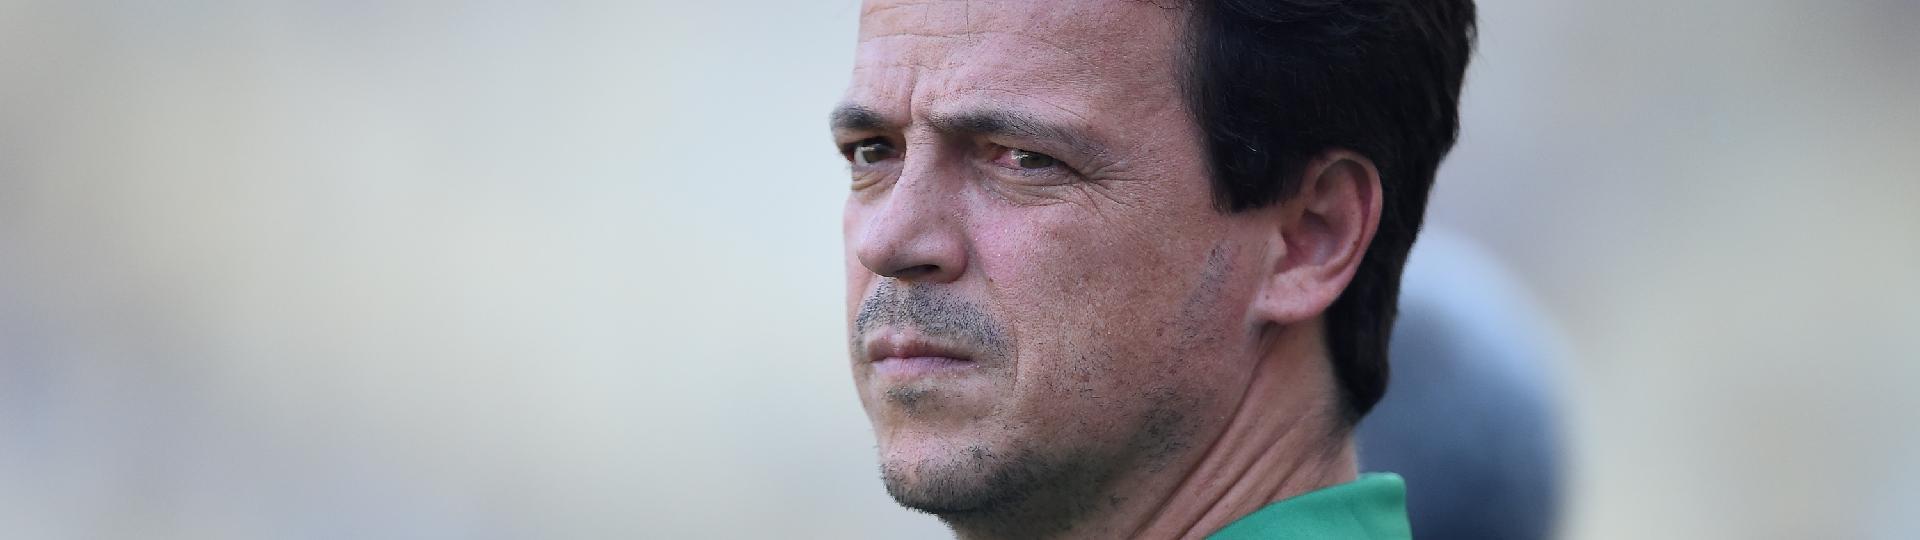 Fernando Diniz, técnico do Fluminense, acompanha jogo contra Botafogo